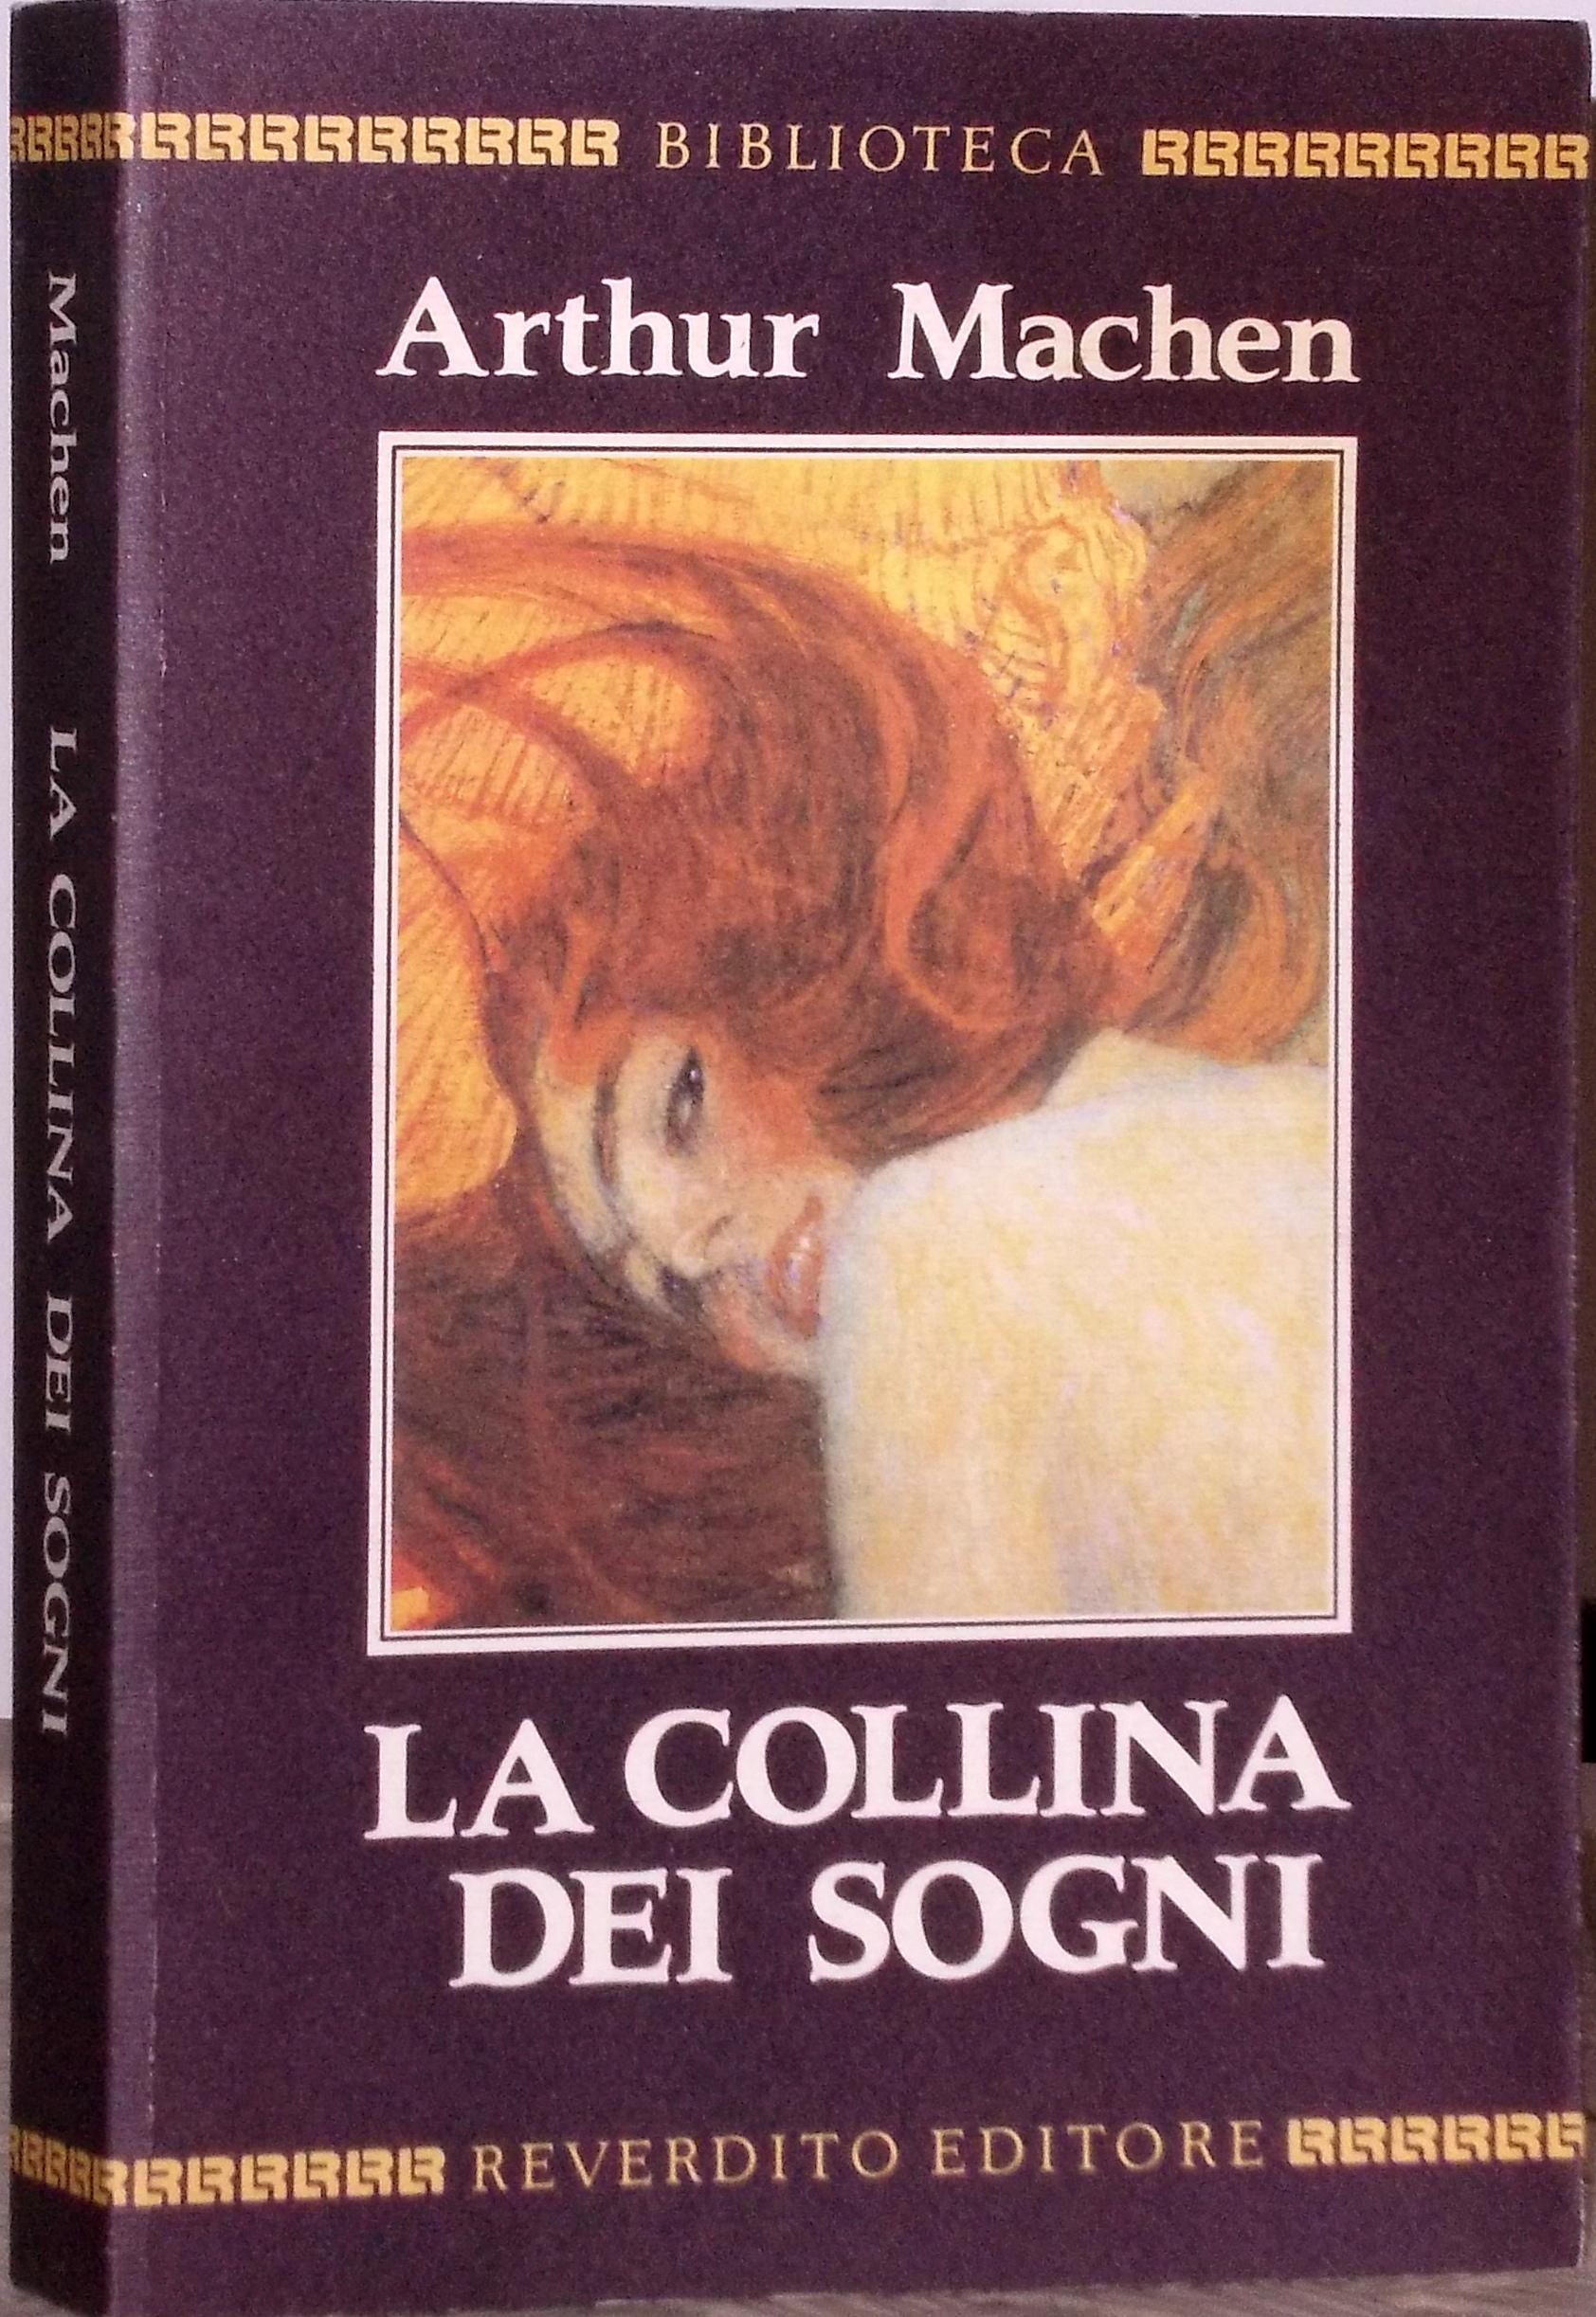 La collina dei sogni - A. Machen